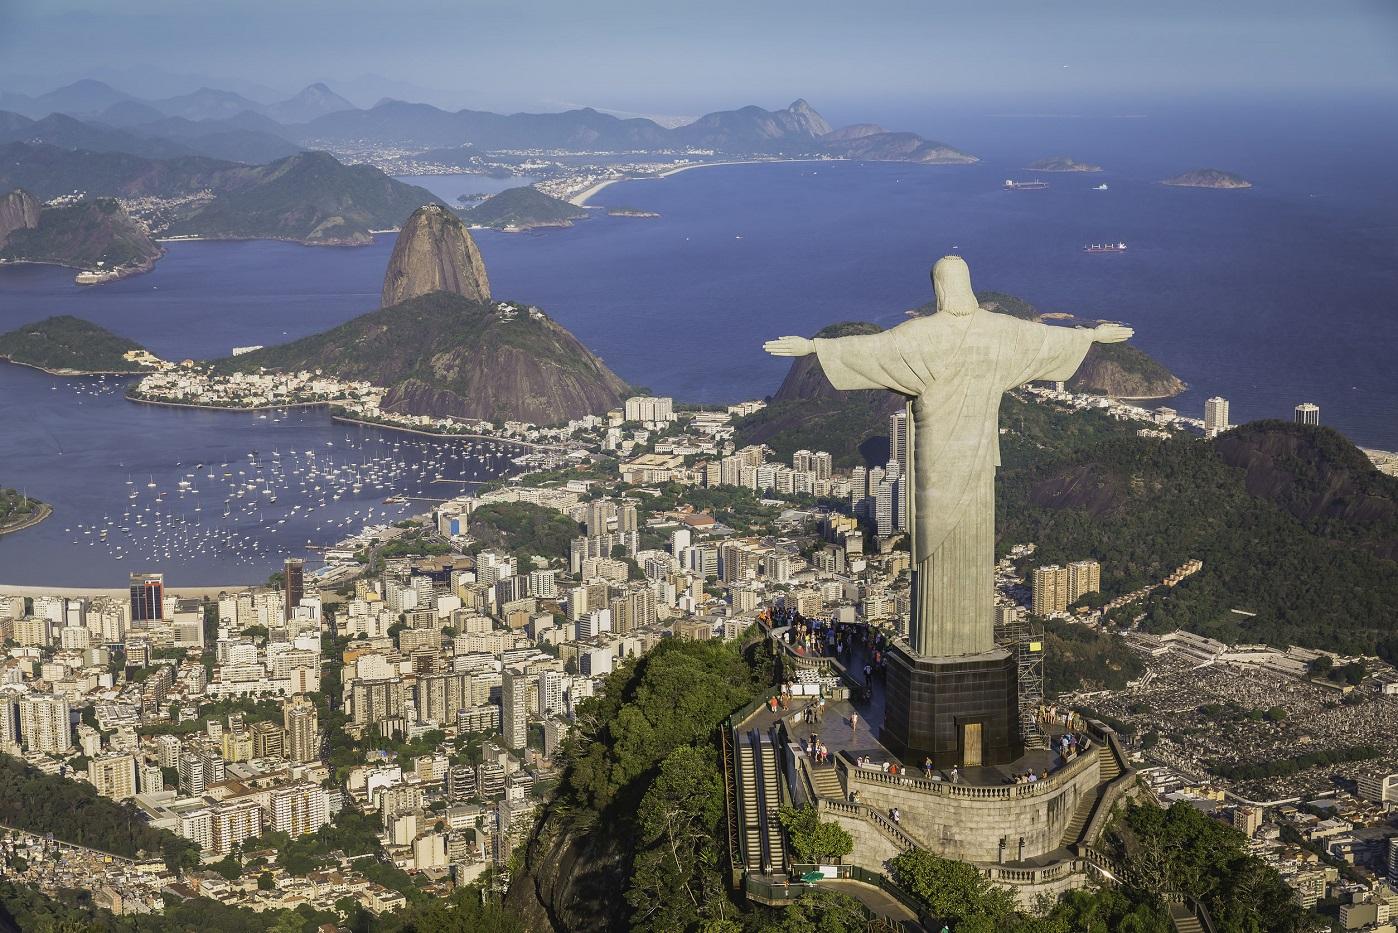 O que você faria se o Brasil tivesse uma crise como na Venezuela?